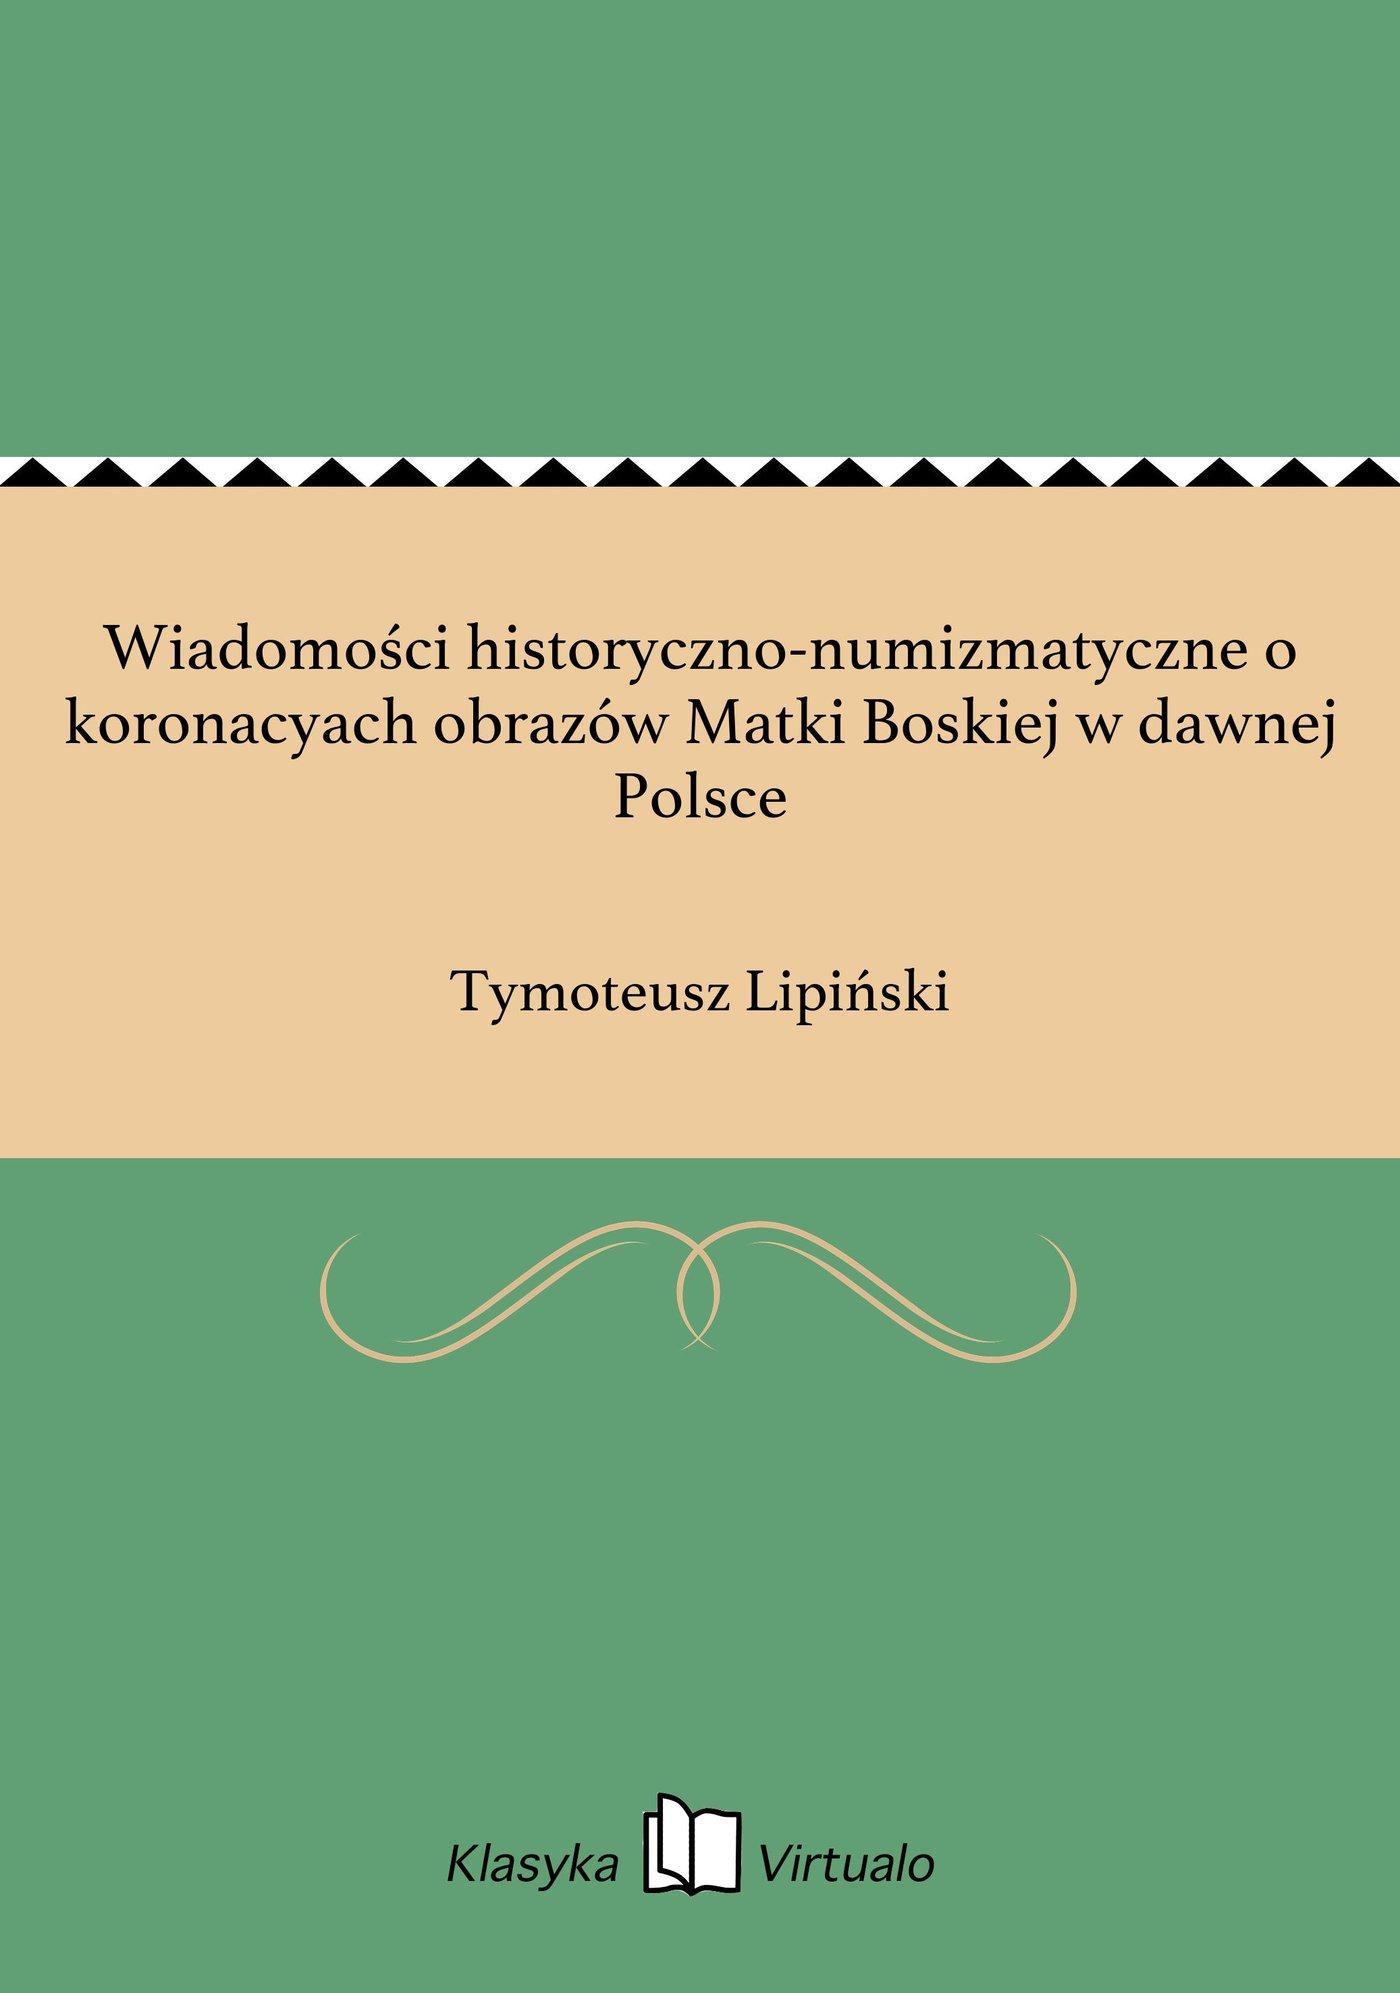 Wiadomości historyczno-numizmatyczne o koronacyach obrazów Matki Boskiej w dawnej Polsce - Ebook (Książka EPUB) do pobrania w formacie EPUB